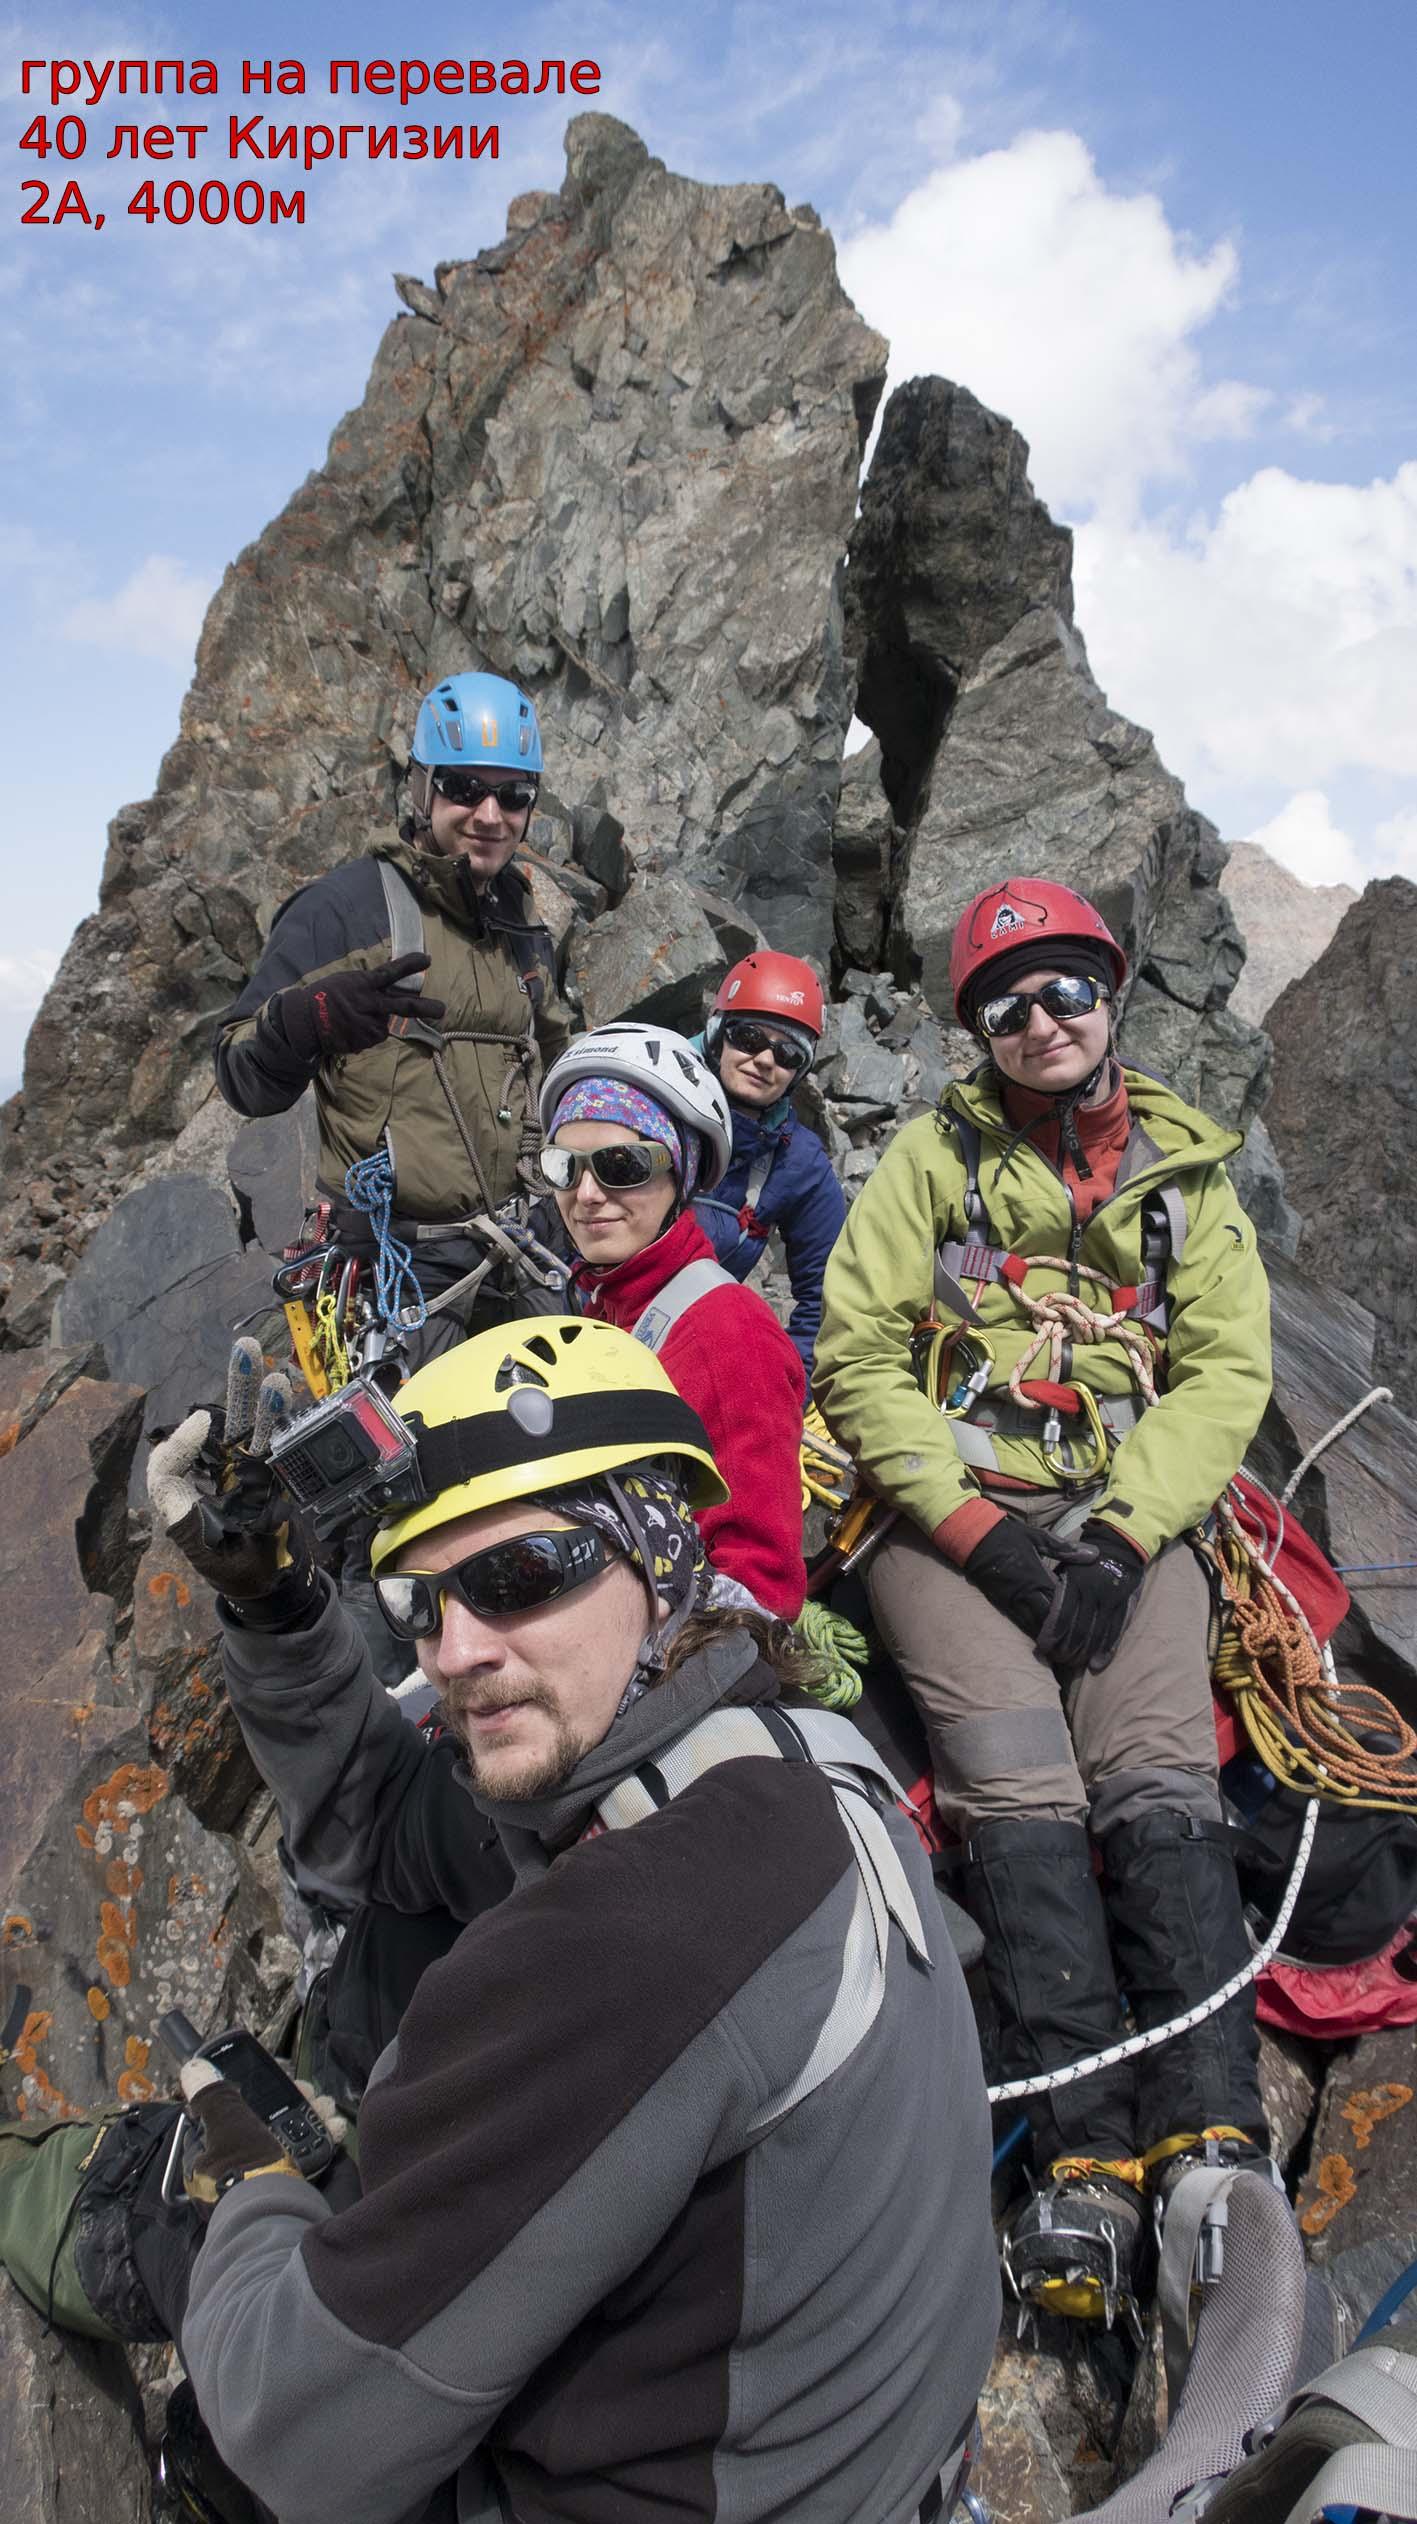 Перевальная седловина Пер. 40 лет Киргизии (2А, 4000 м)